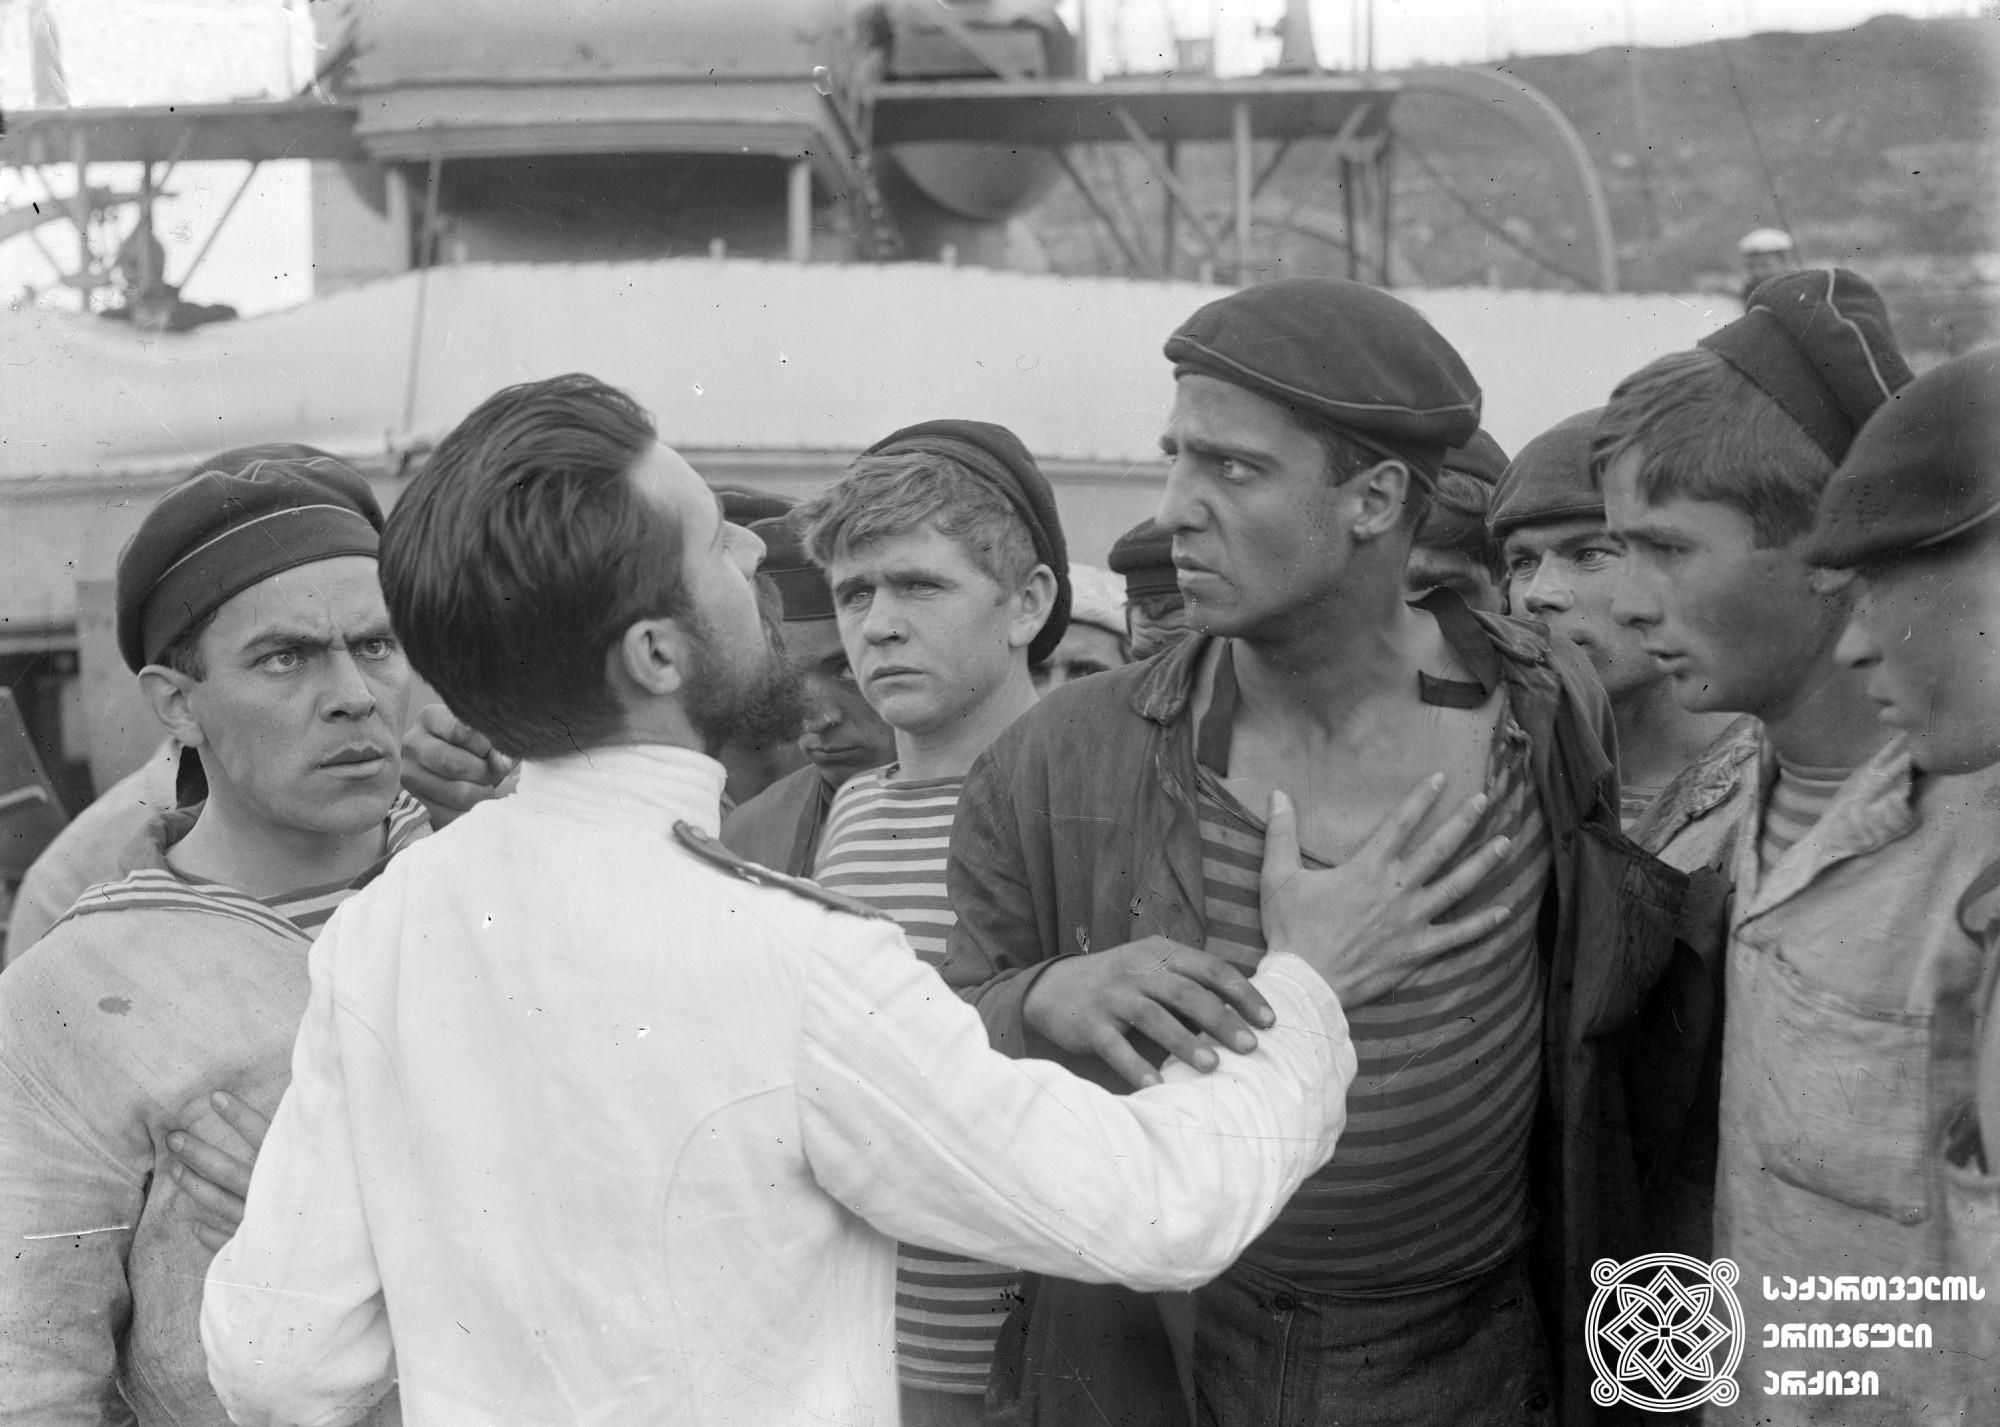 მეცხრე ტალღა. 1926. <br> რეჟისორი: ვლადიმერ ბარსკი. <br>  სცენარის ავტორები: სერგეი გარინი, პეტრე მორსკოი.  ოპერატორი: ანტონ პოლიკევიჩი. <br>   Metskhre Talgha (The Ninth Wave). 1926. <br>  Director: Vladimi Barsky. <br>  Screenwriters: Sergei Garin, Petre Morskoi.  Camera operator: Anton Polikevich. <br>